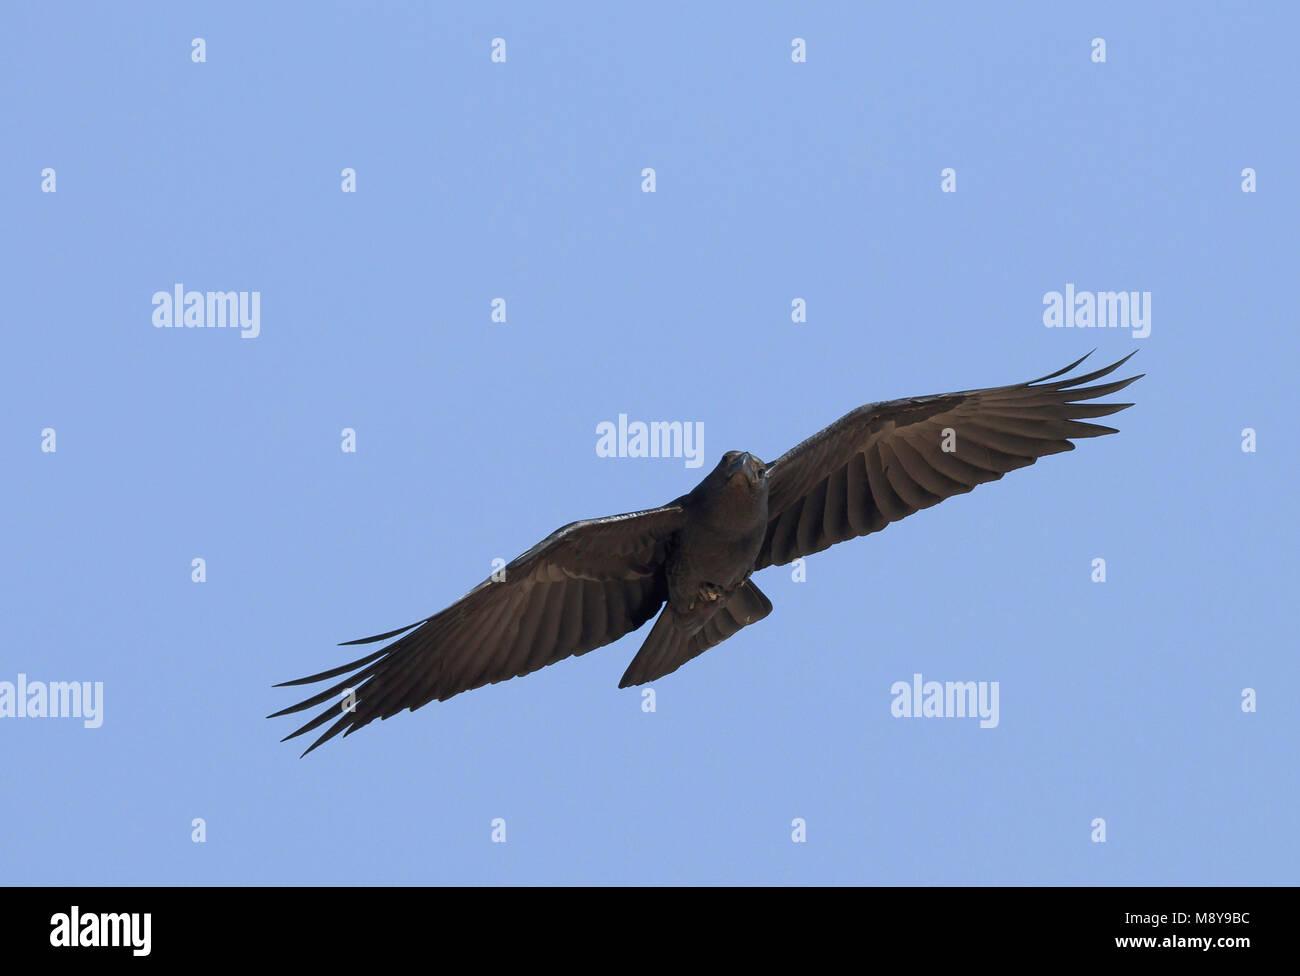 Fan-tailed Raven - Borstenrabe - Corvus rhipidurus, Oman Stock Photo